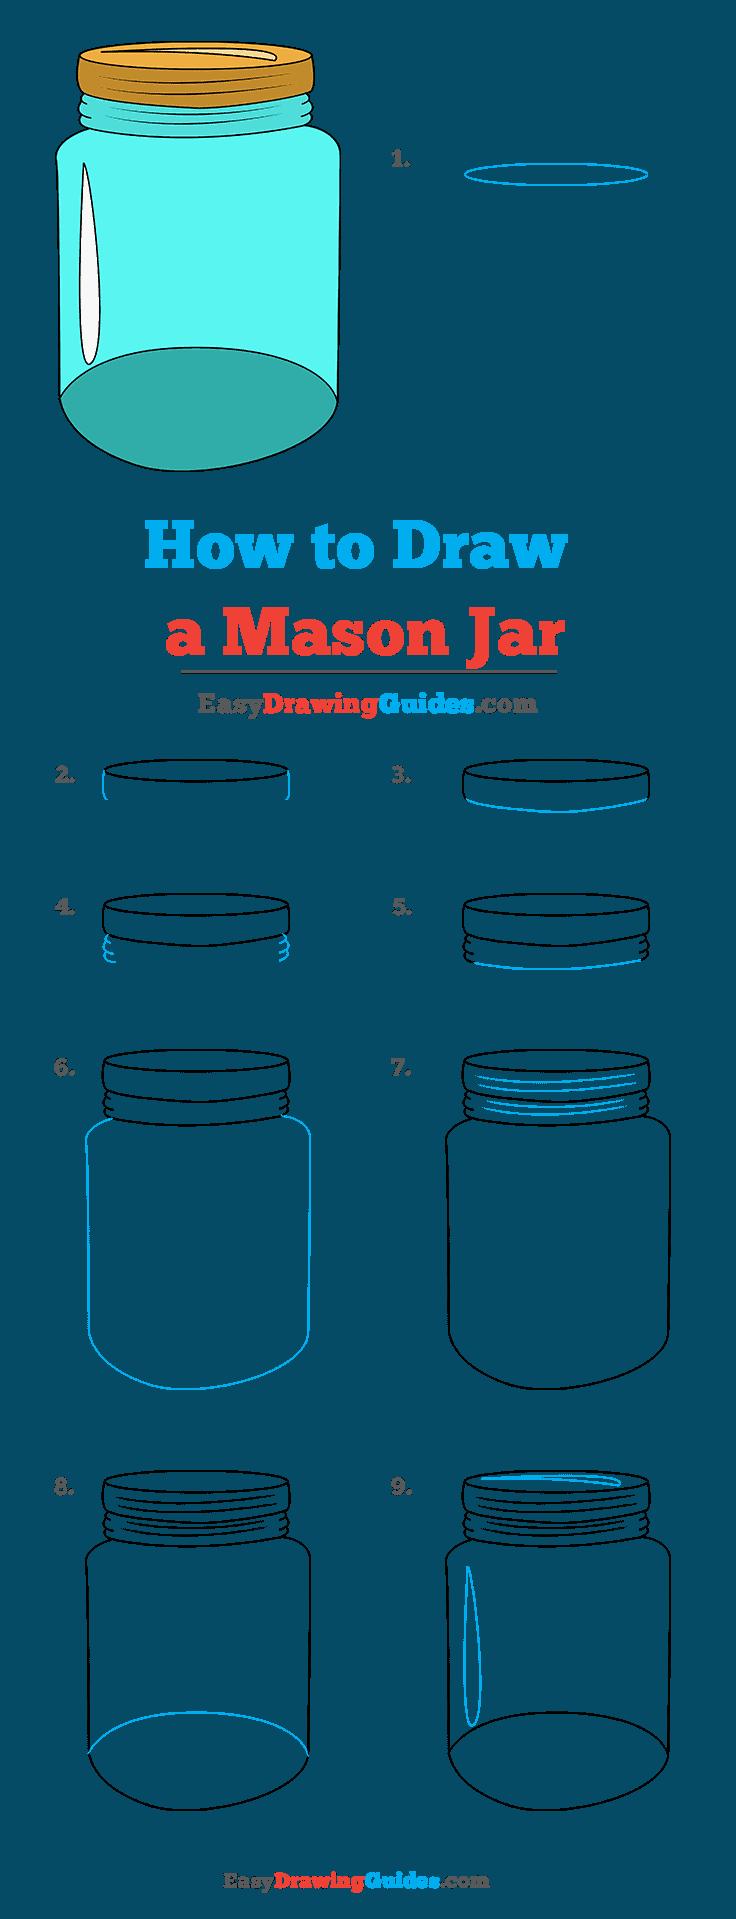 How to Draw Mason Jar